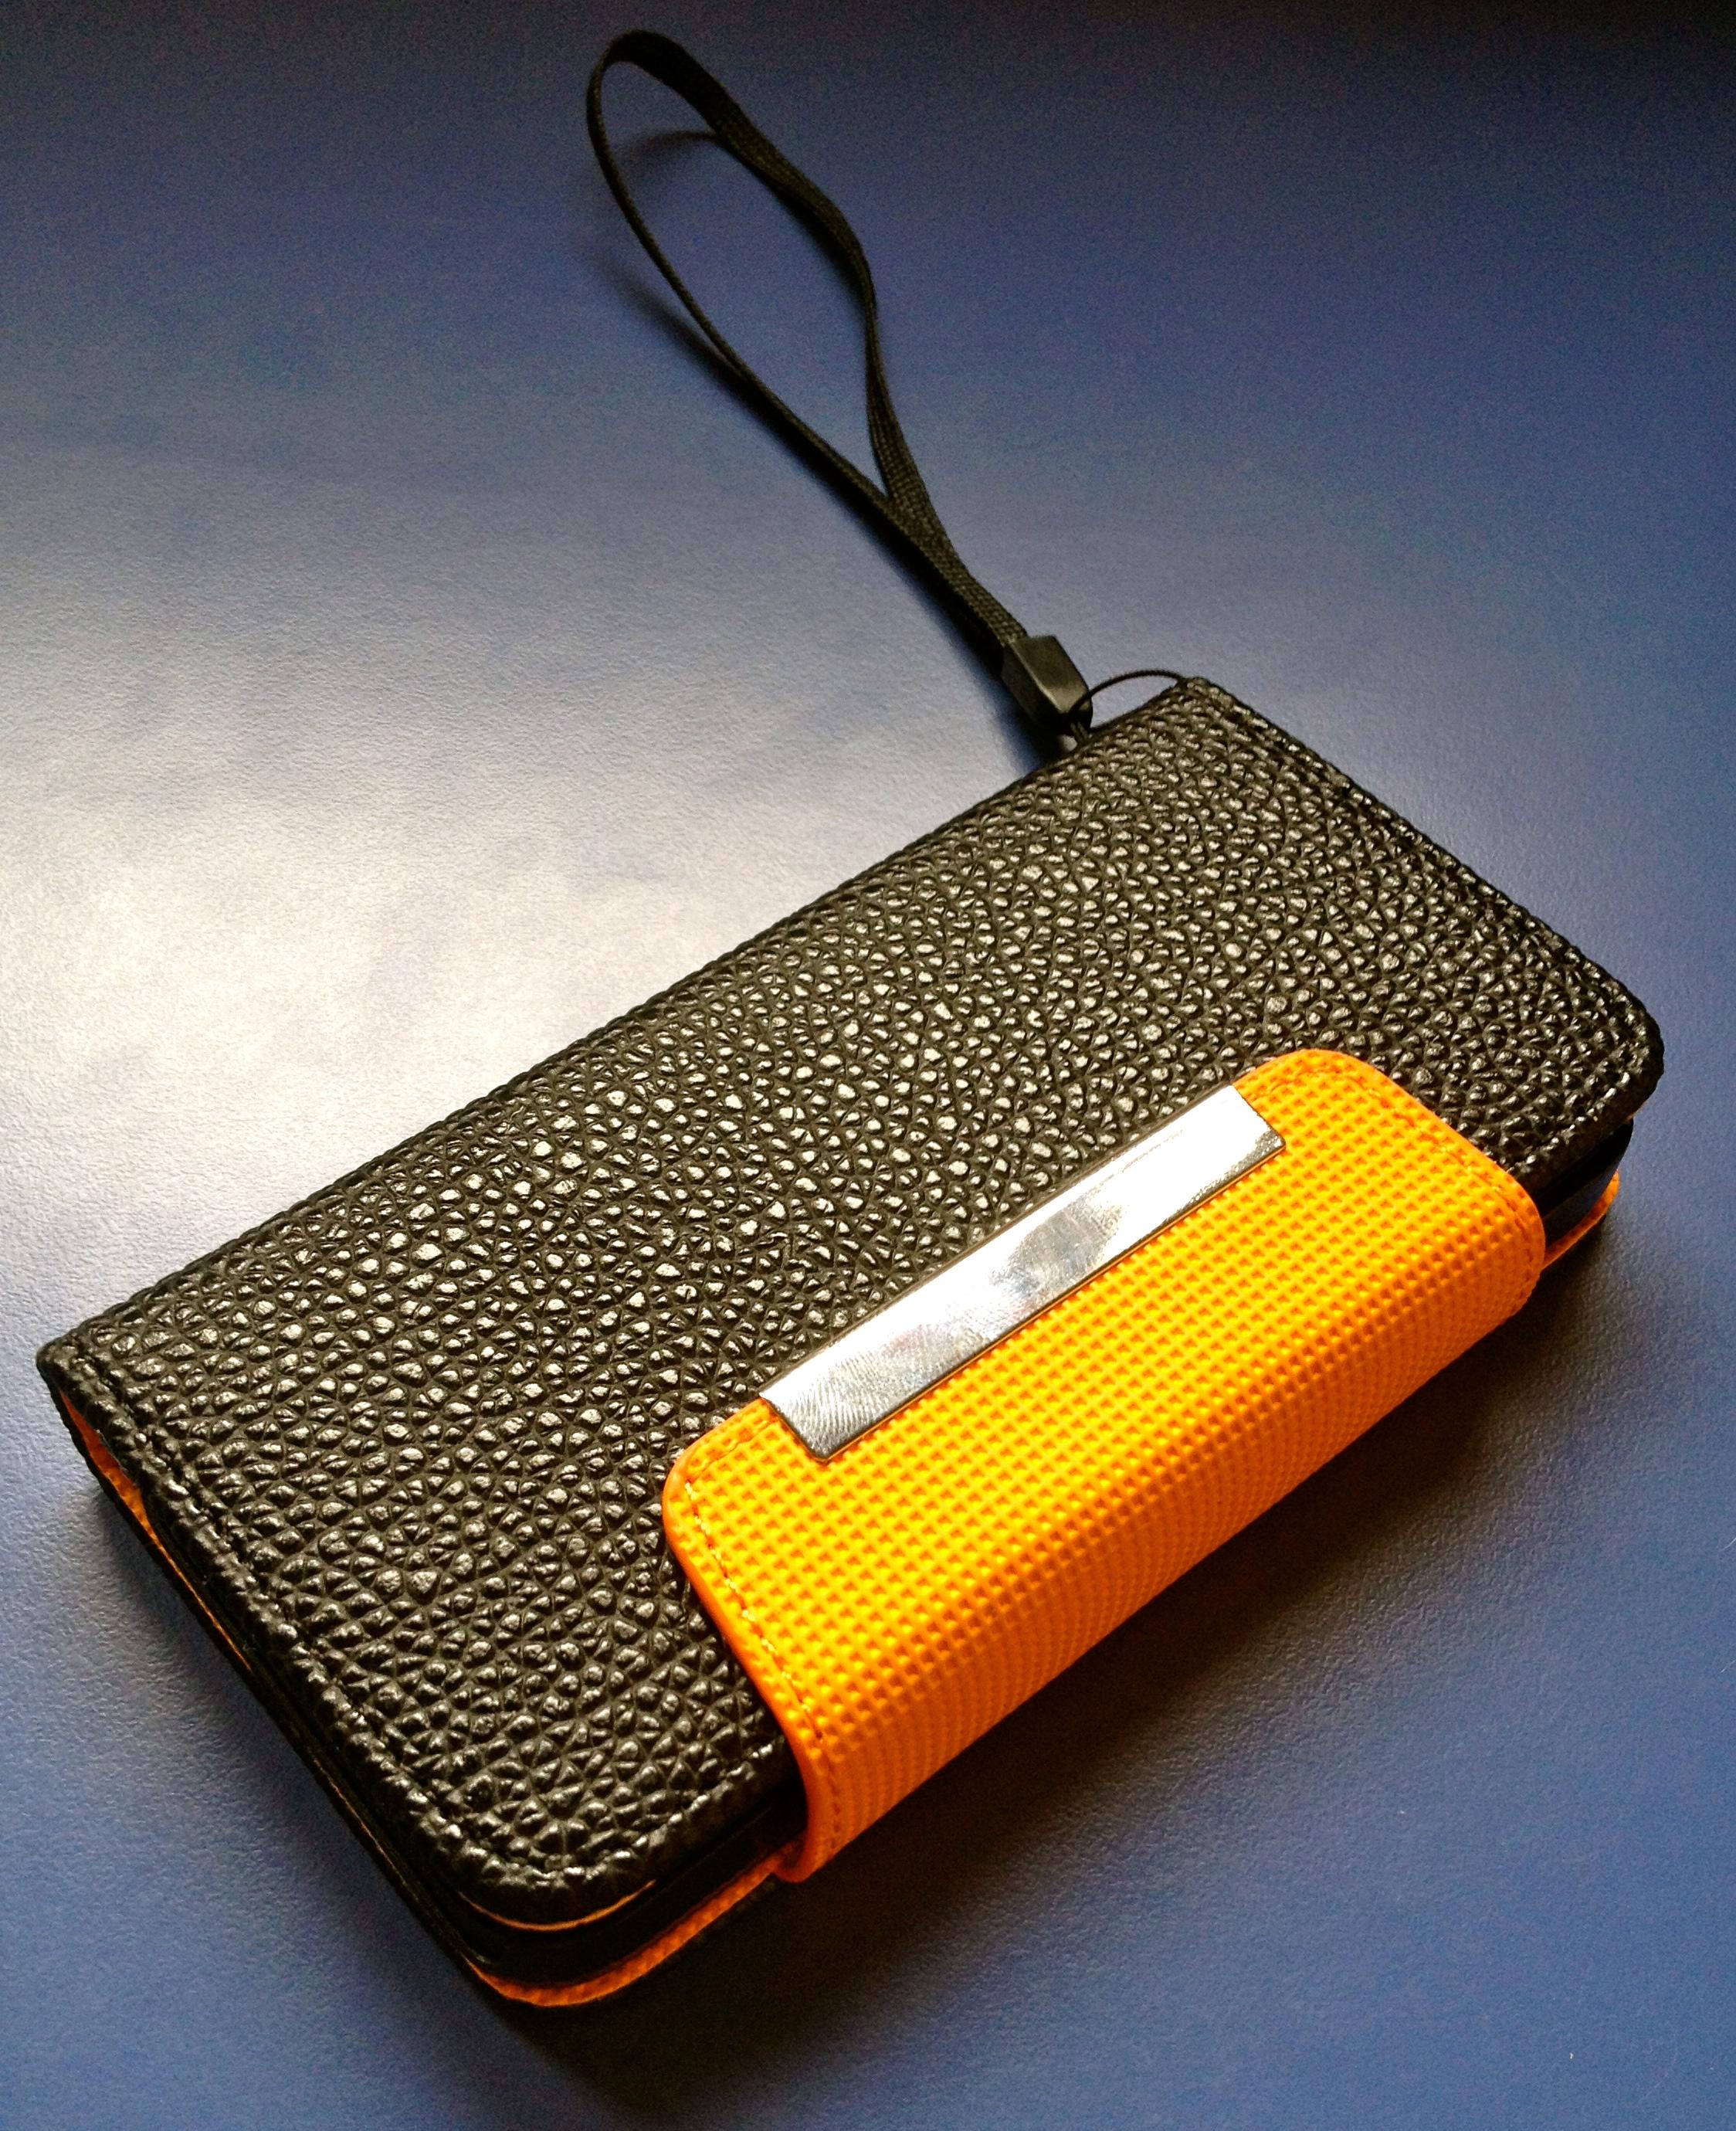 Wallet: l'accessorio di classe che unisce un portafogli ad un case per iPhone 5 | iSpazio Product Review